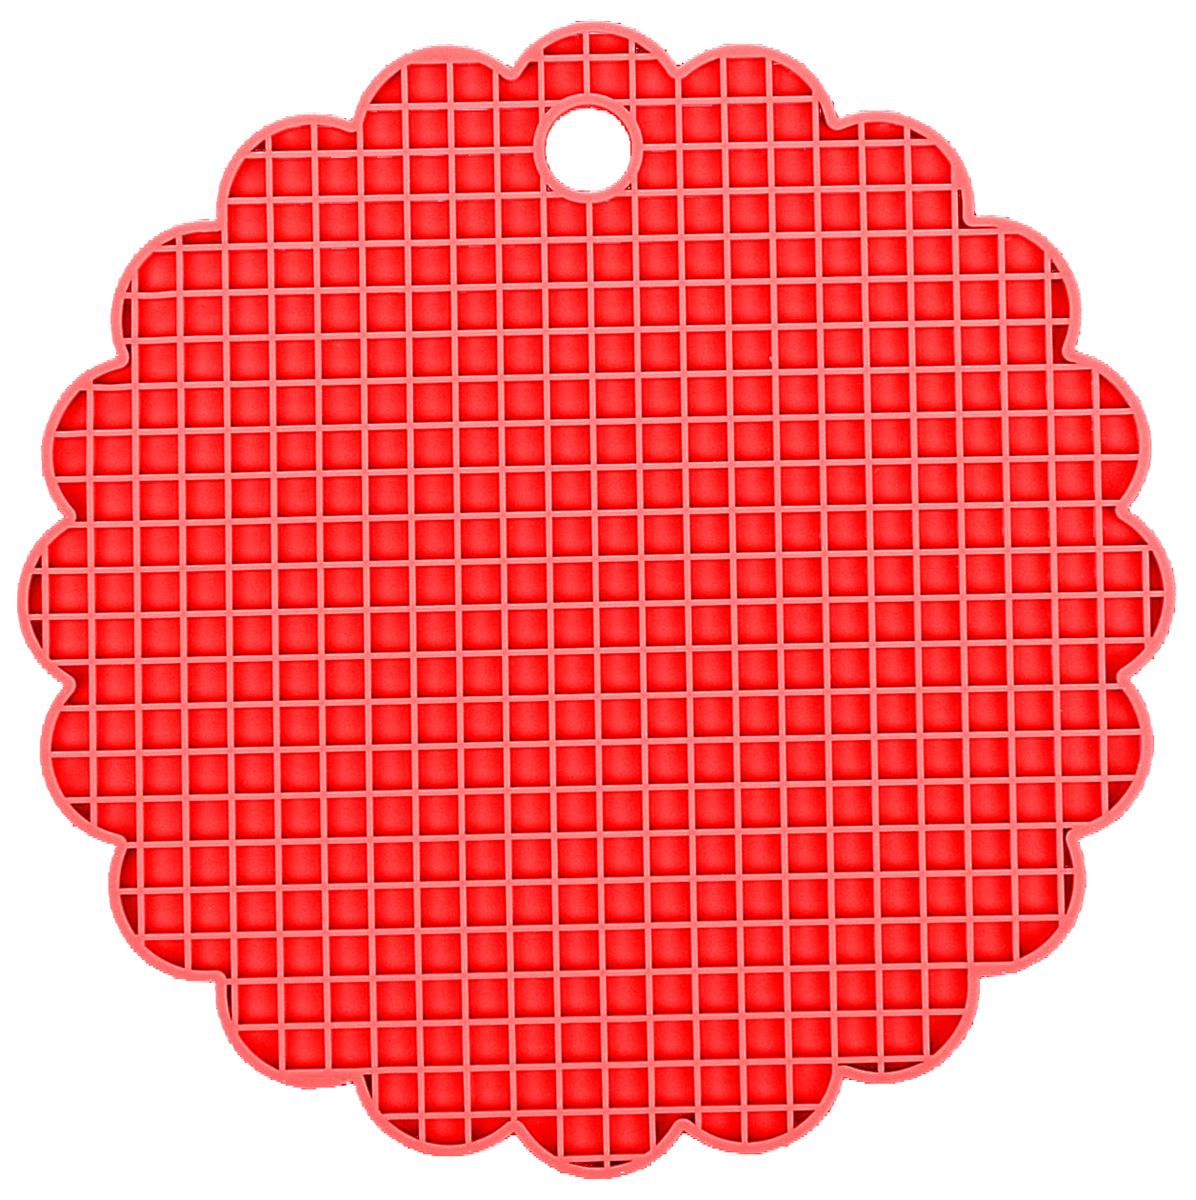 Подставка под горячее Доляна Цветок, цвет: красный, 19,5 см1057098_красныйСиликоновая подставка под горячее - практичный предмет, который обязательно пригодится в хозяйстве. Изделие поможет сберечь столы, тумбы, скатерти и клеенки от повреждения нагретыми сковородами, кастрюлями, чайниками и тарелками.